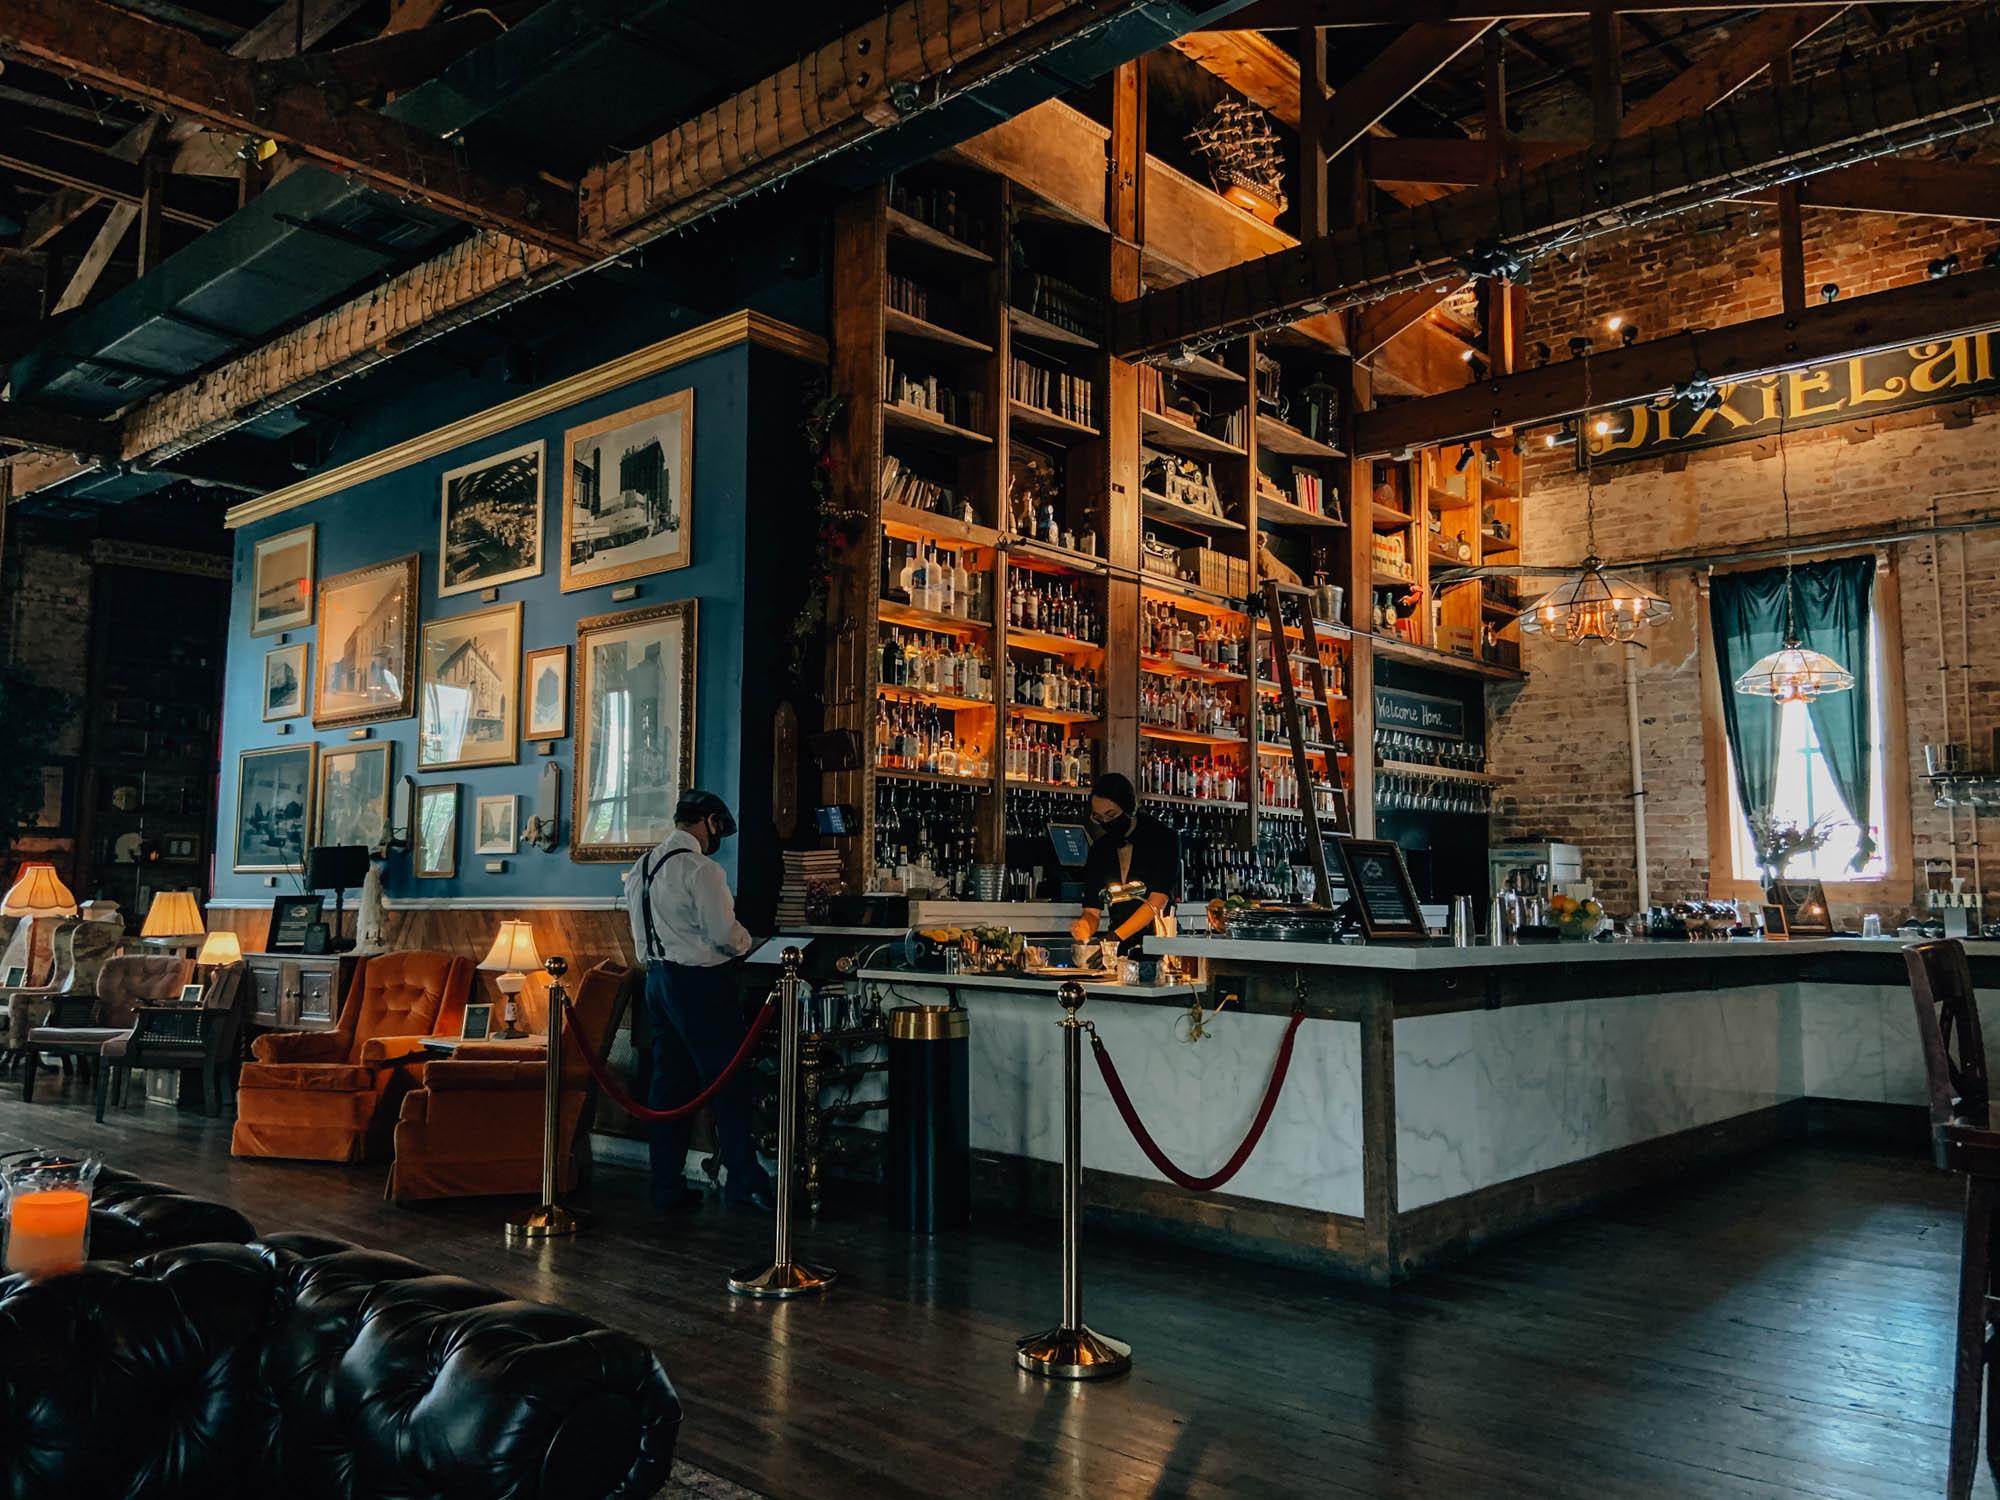 The bar at Mathers Social Gathering